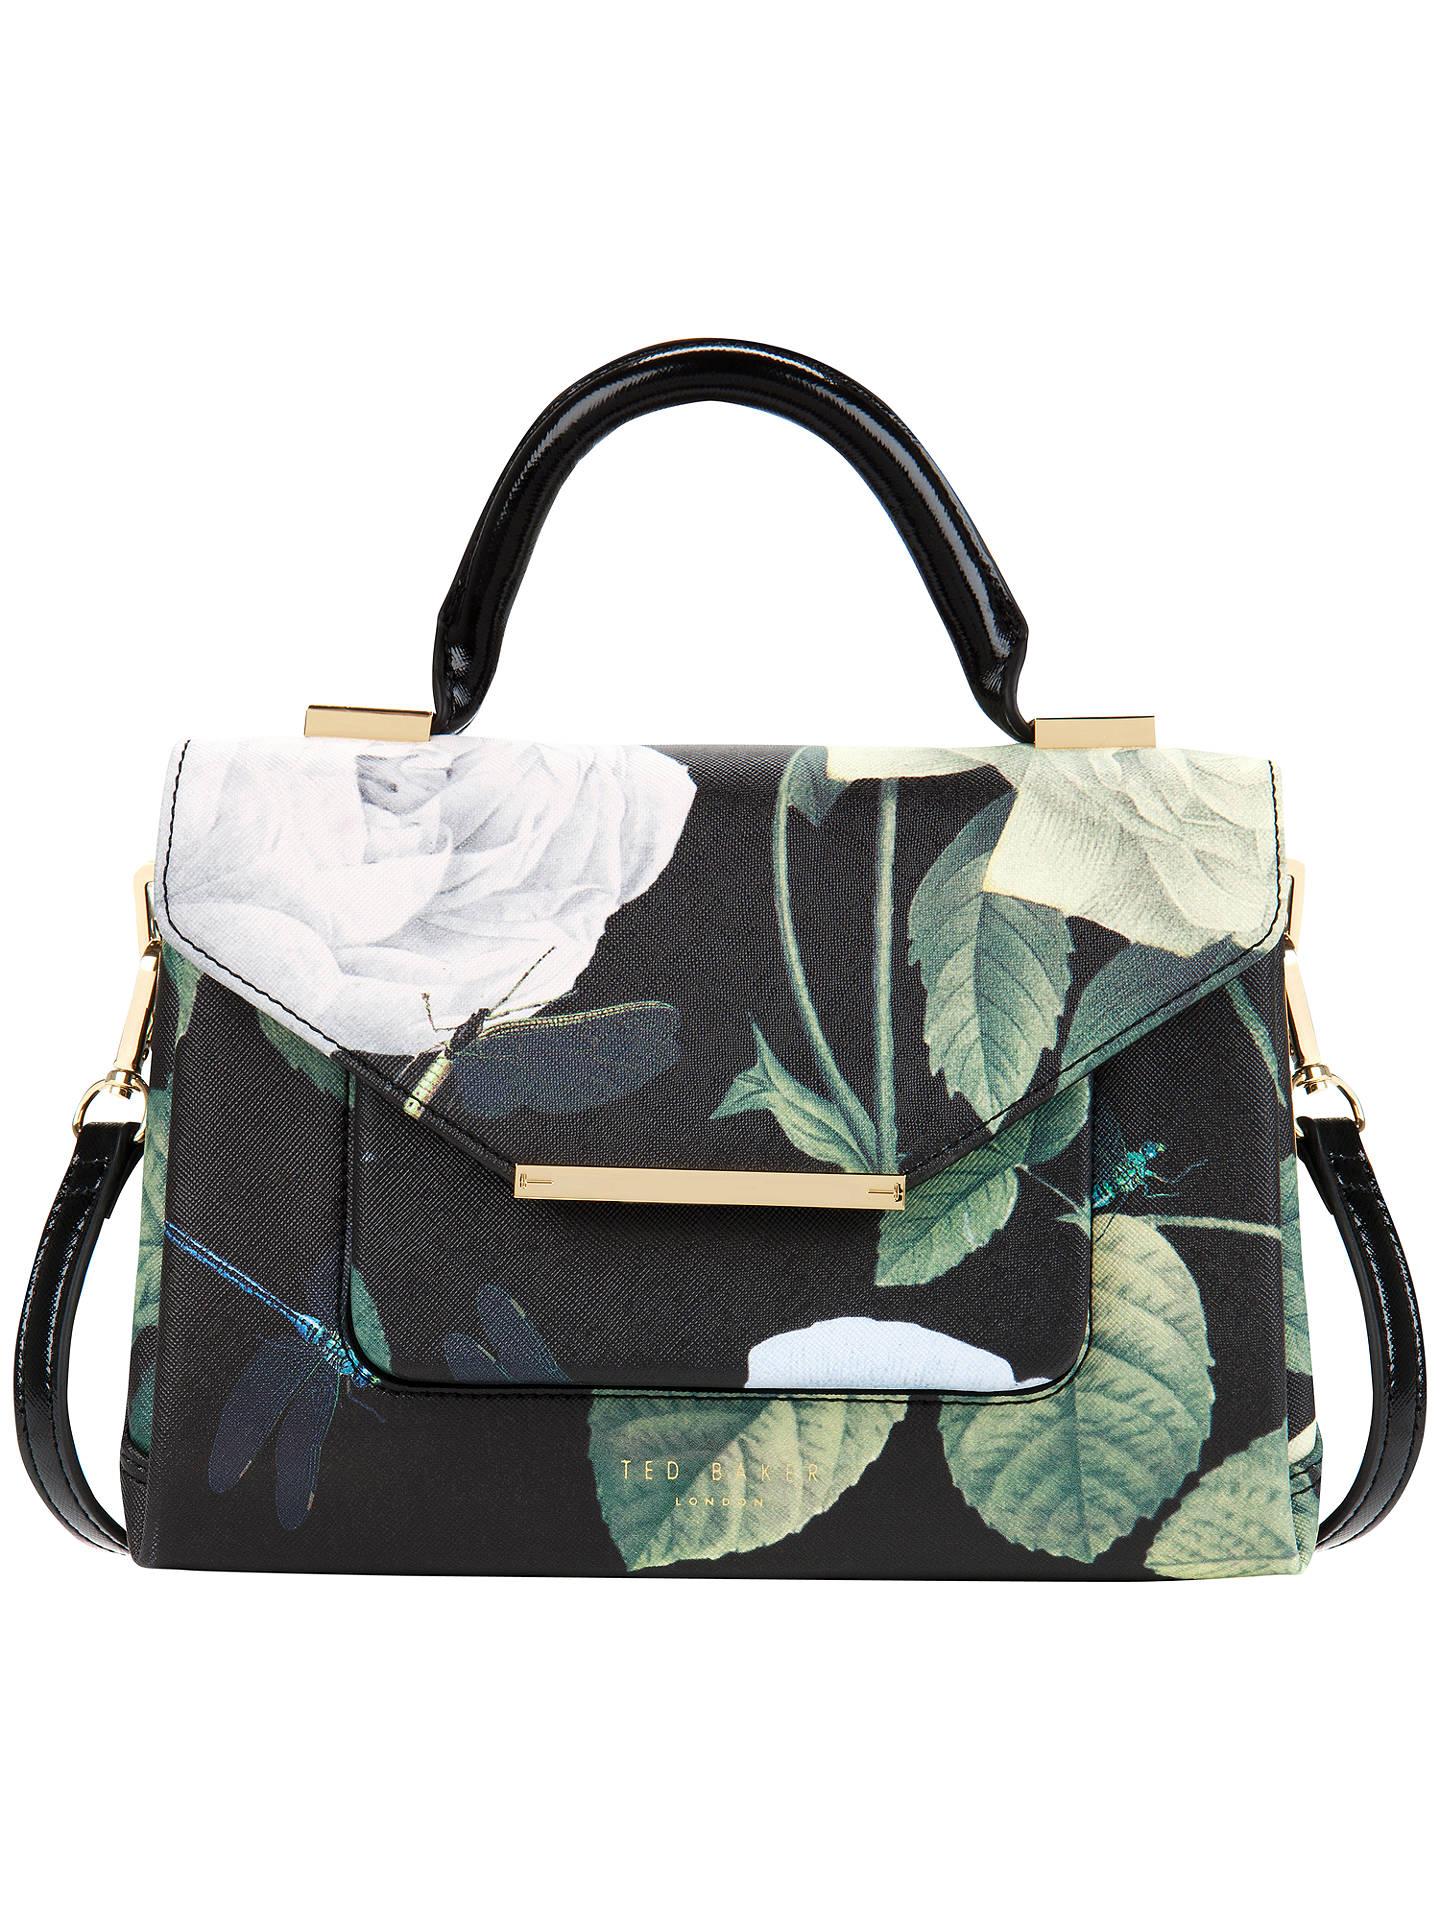 ca29e5e1182 Buy Ted Baker Domina Crosshatch Lady Bag, Black Online at johnlewis.com